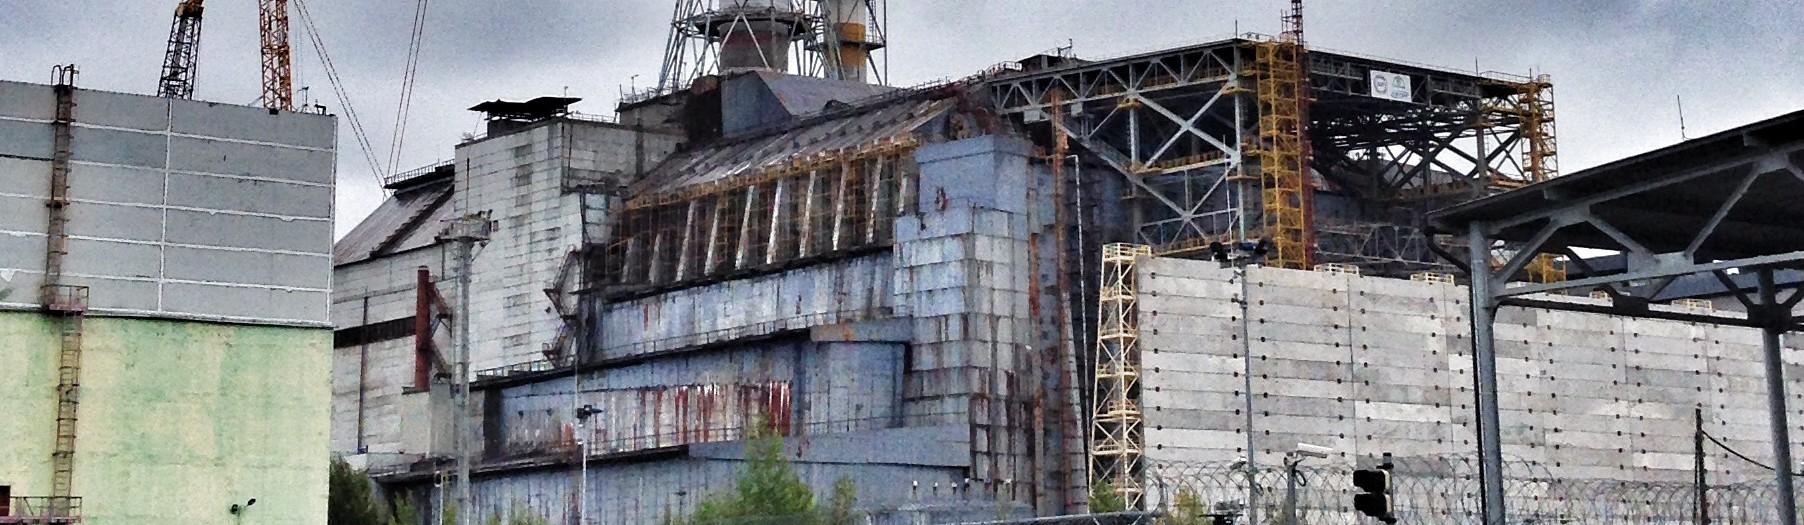 Chernobyl Series - Capítulo 7 - Día 2 - El reactor nº 4...